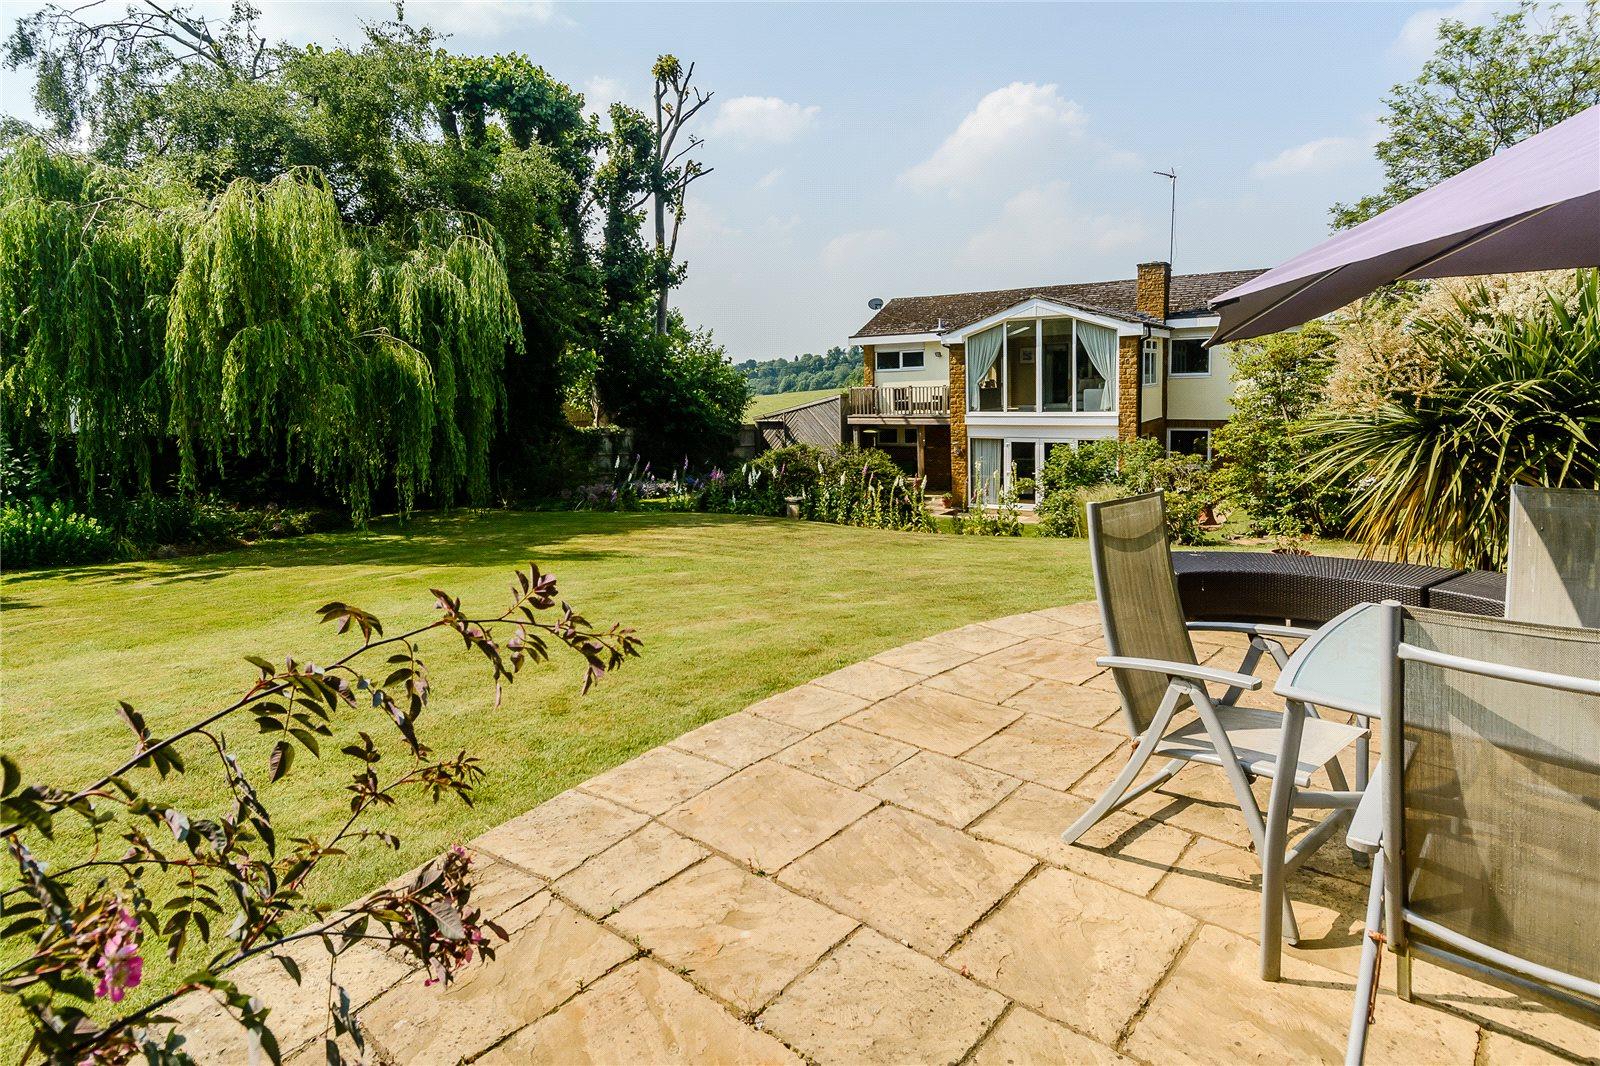 一戸建て のために 売買 アット Overthorpe, Banbury, Oxfordshire, OX17 Banbury, イギリス